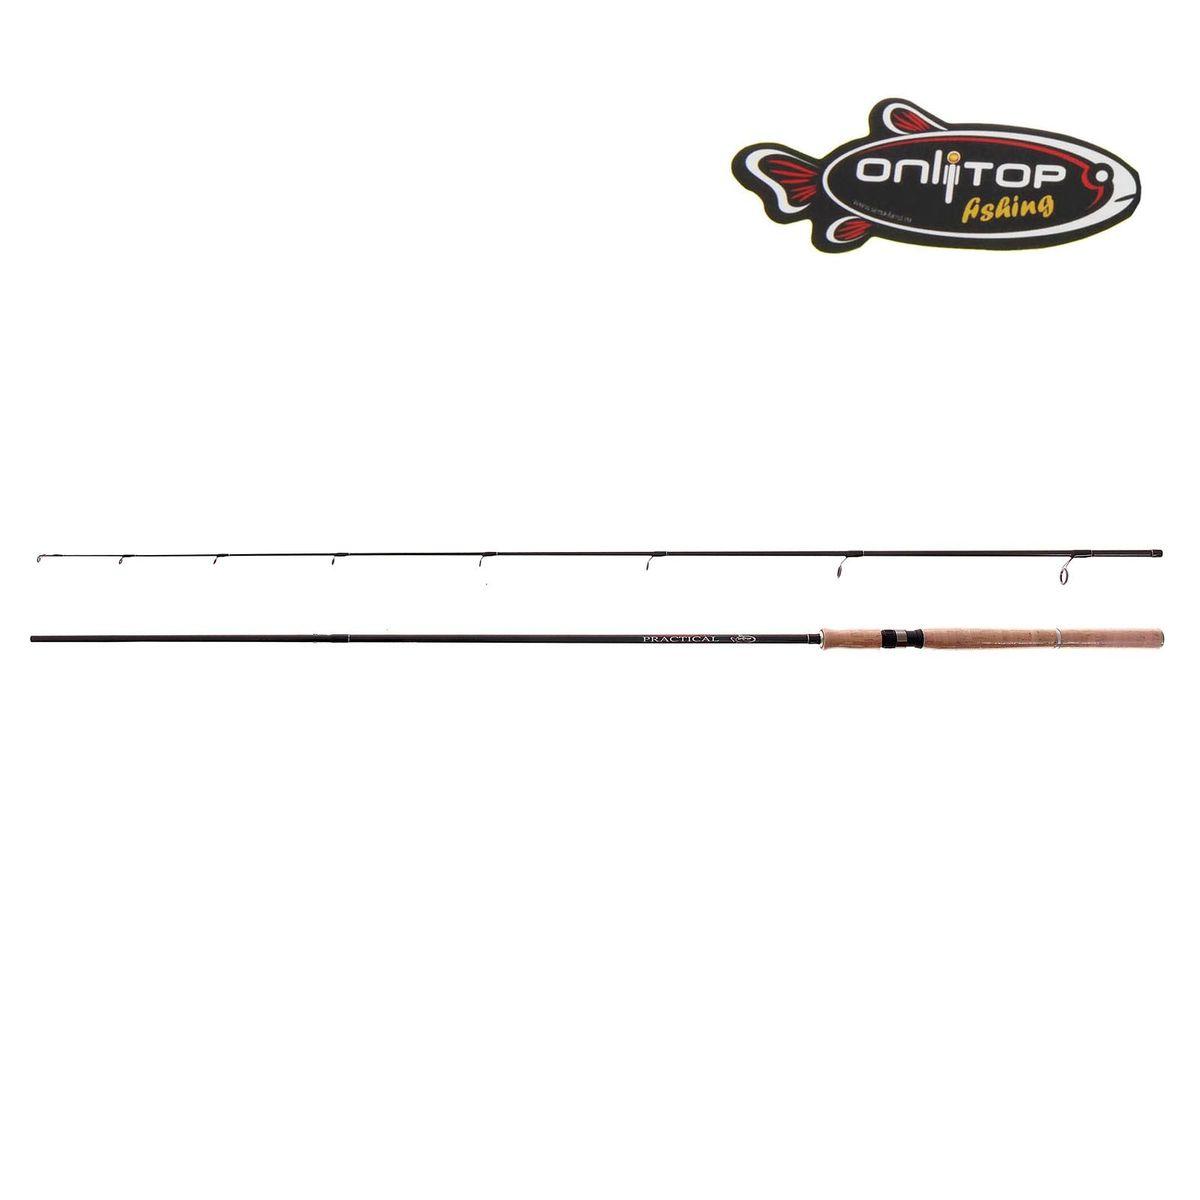 Спиннинг штекерный Onlitop Practical, 2,4 м, 5-20 г